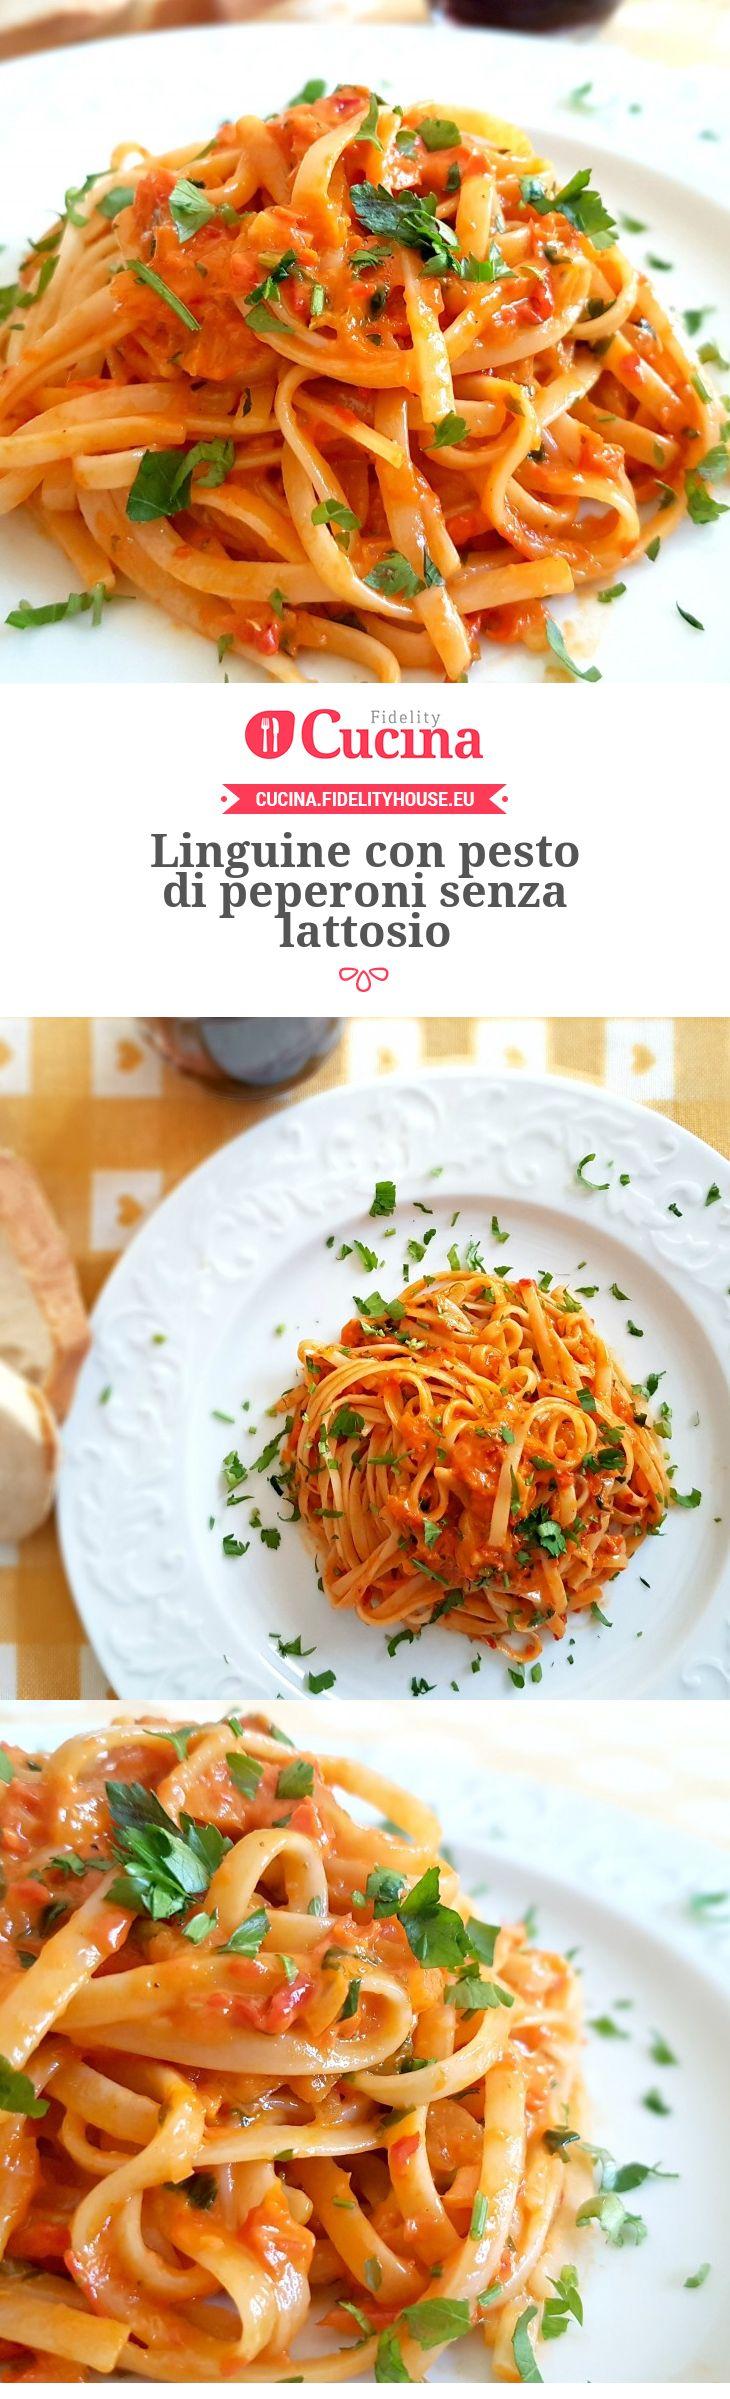 Linguine con pesto di peperoni senza lattosio della nostra utente Monica. Unisciti alla nostra Community ed invia le tue ricette!